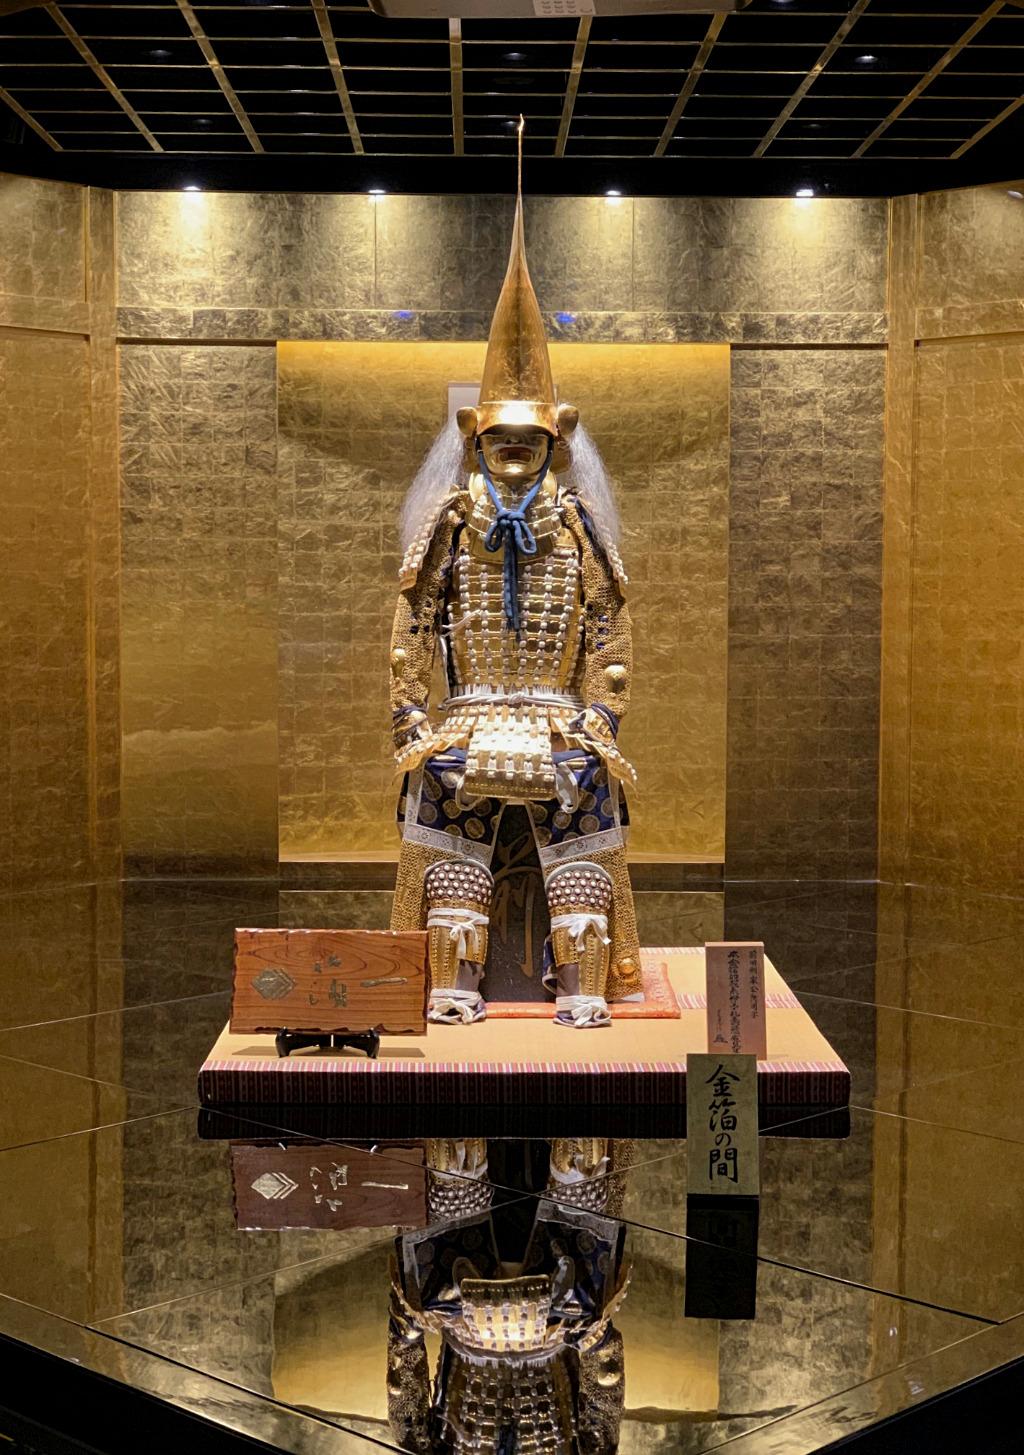 Gold Samurai Armor in Kanazawa